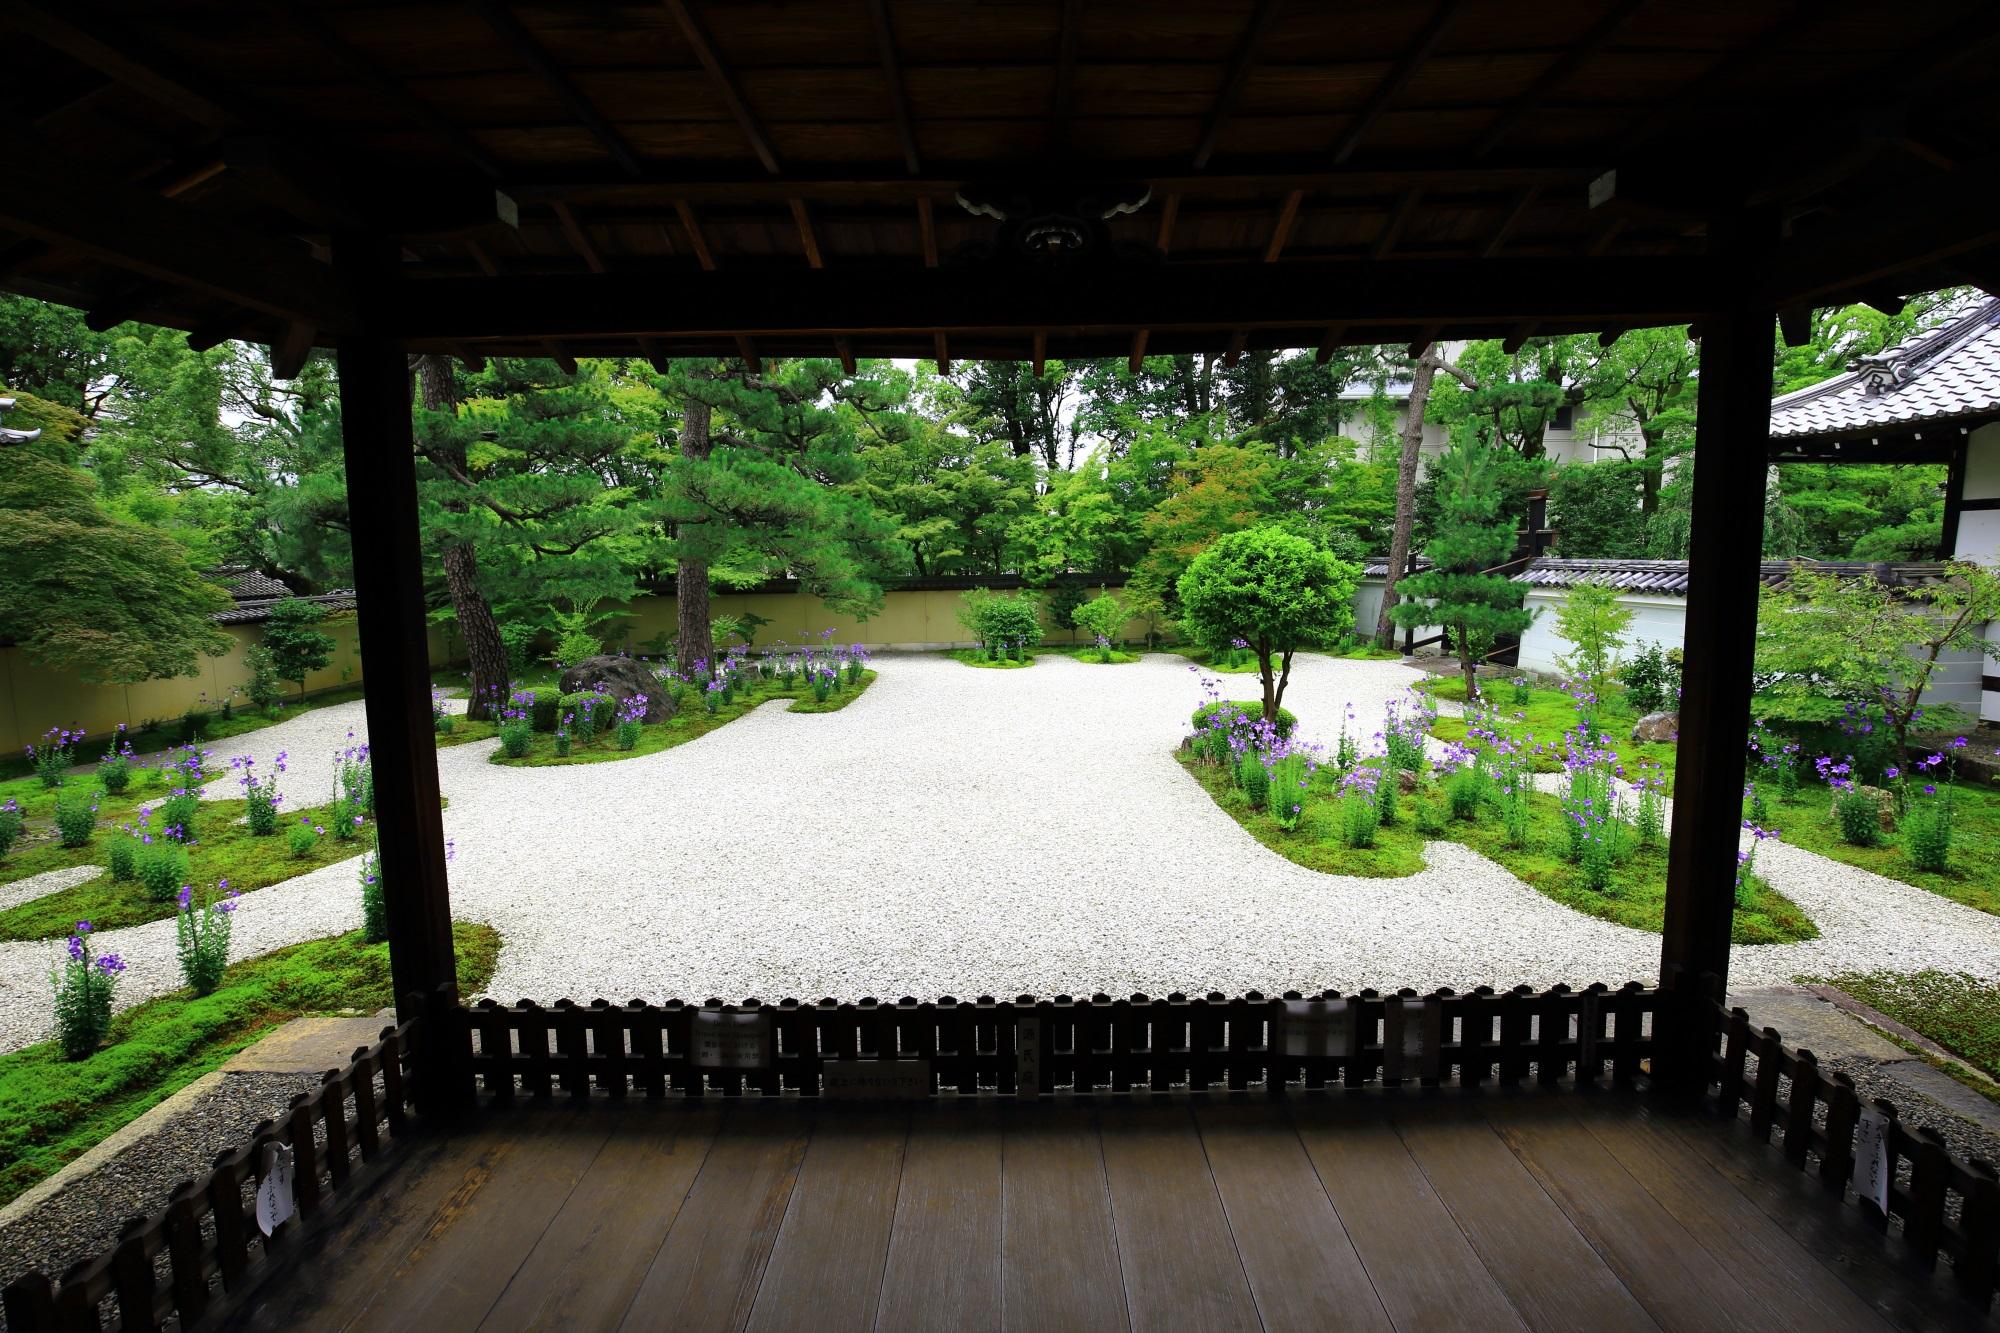 廬山寺の源氏庭の見ごろの桔梗(ききょう)と青もみじと苔